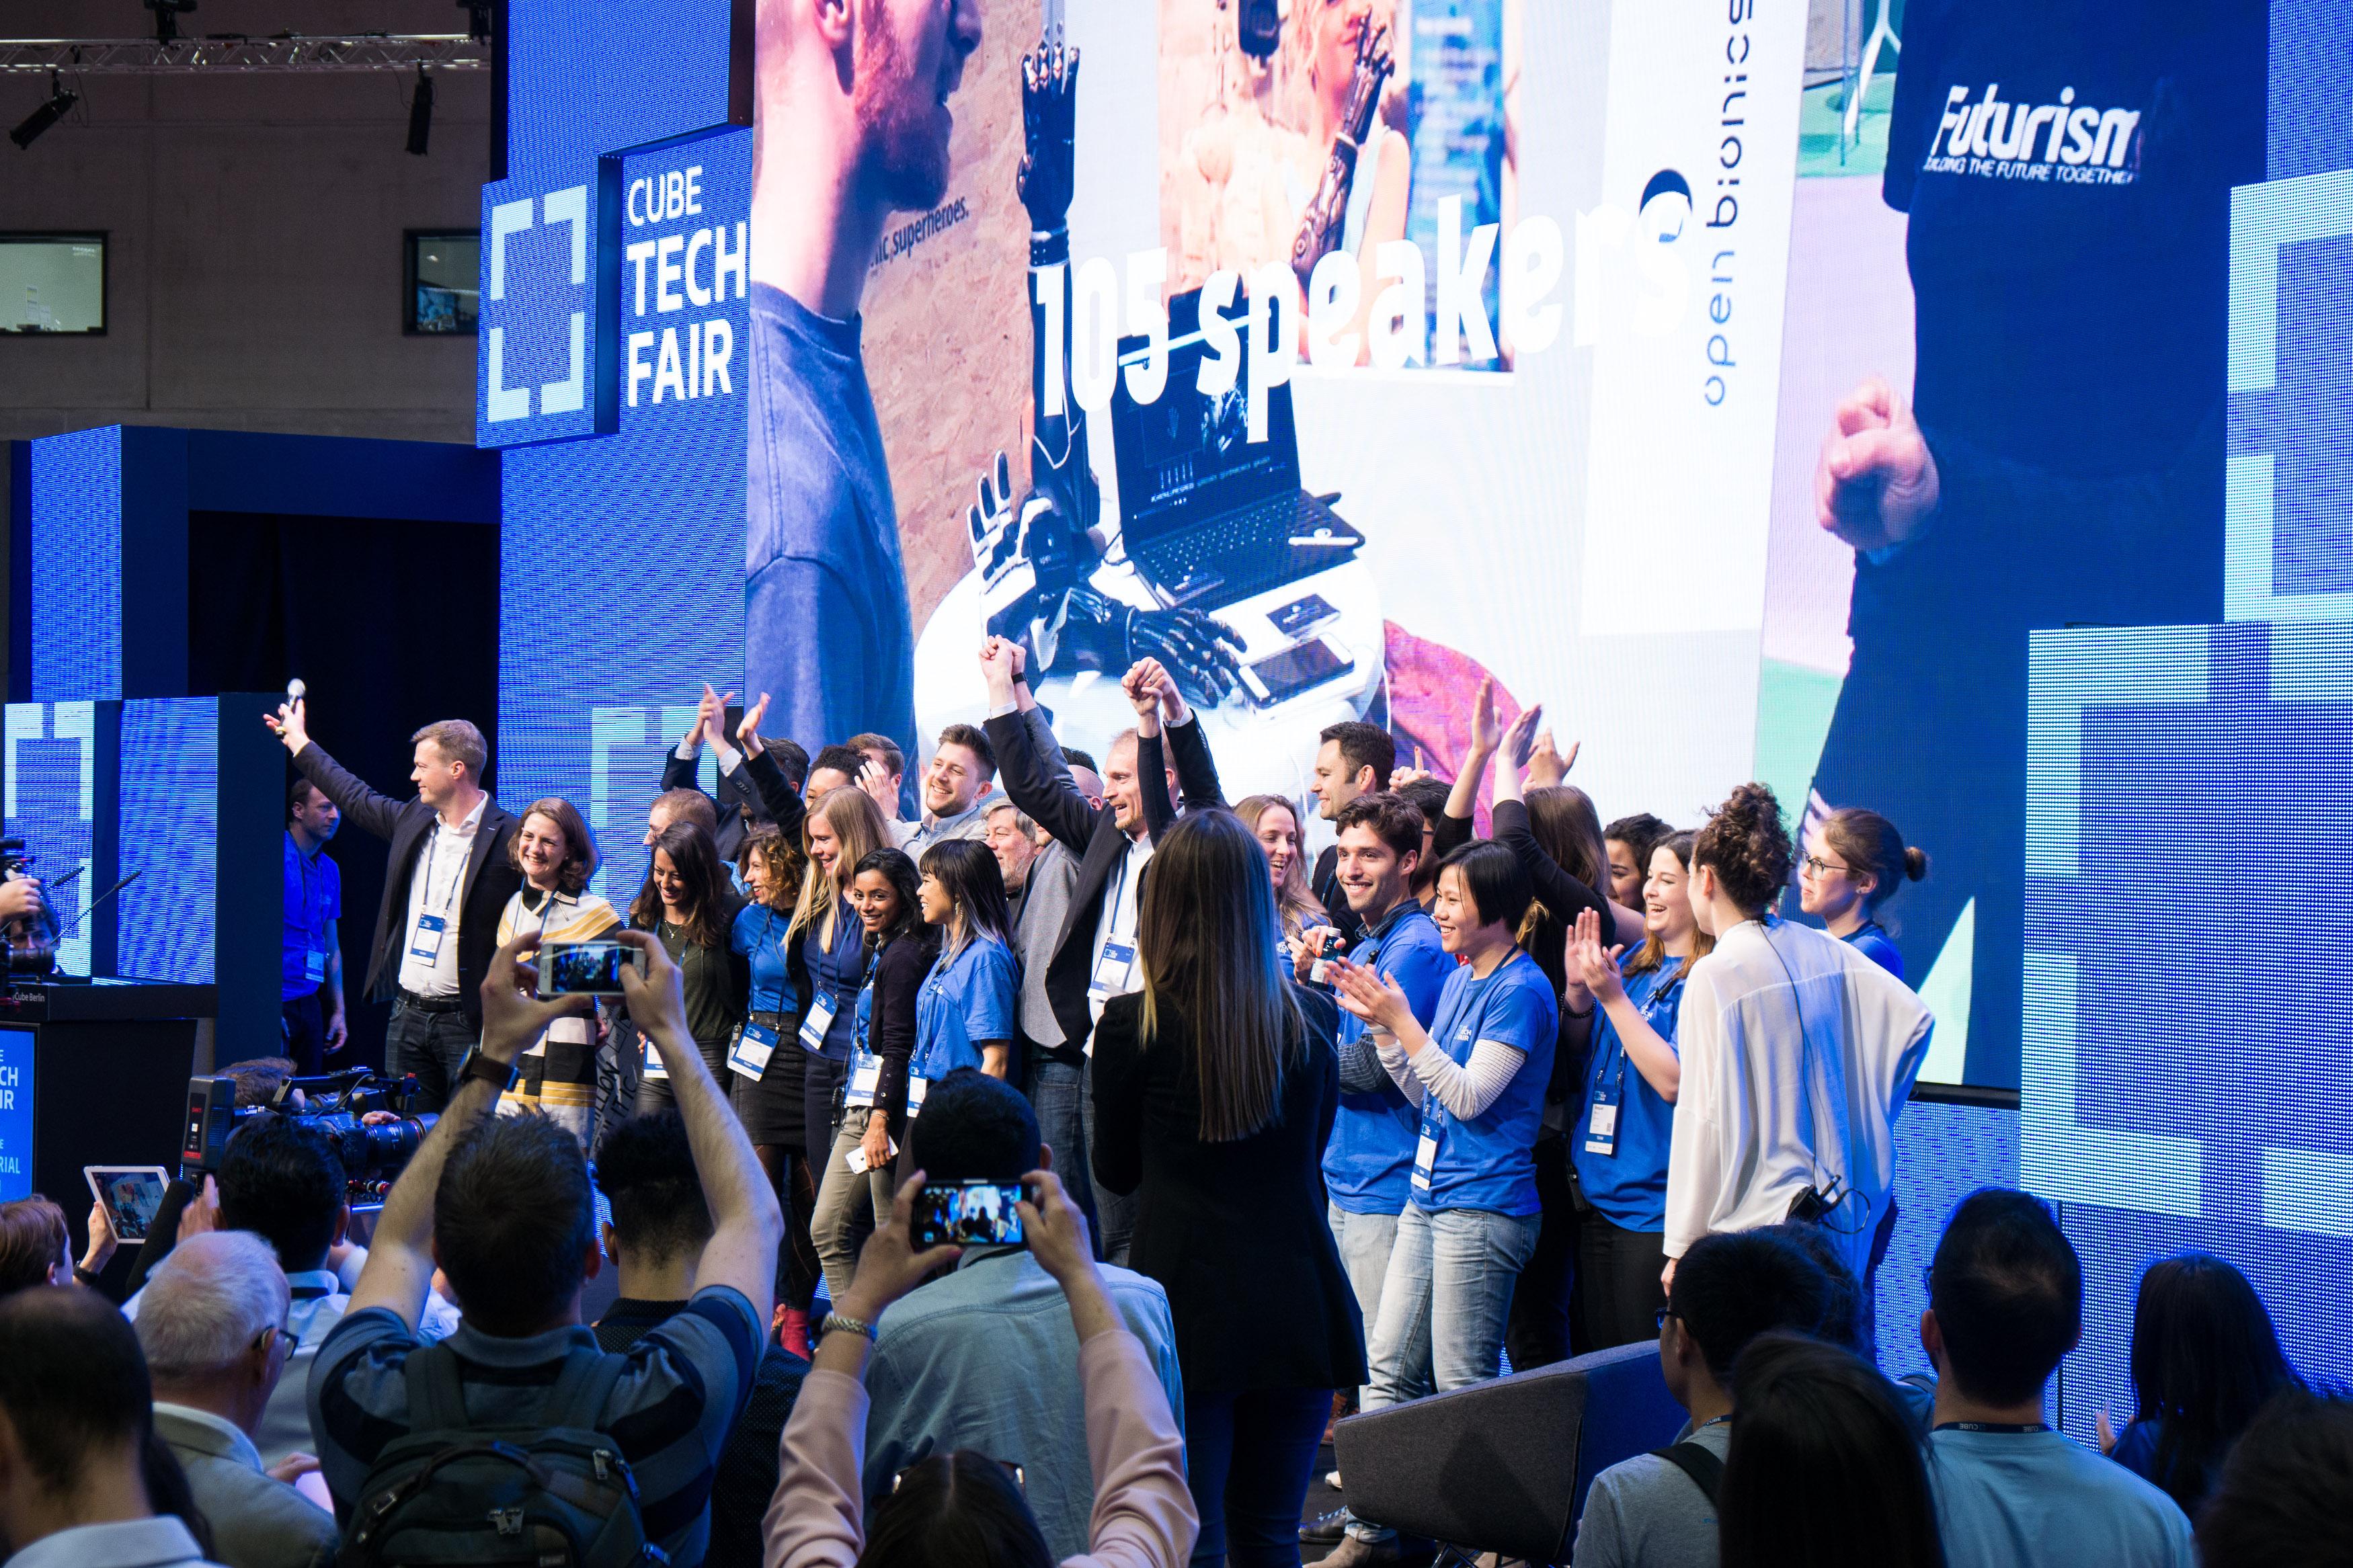 CUBETechfair2017_startup_berlin_event_design_berlin_peter-margis-01647